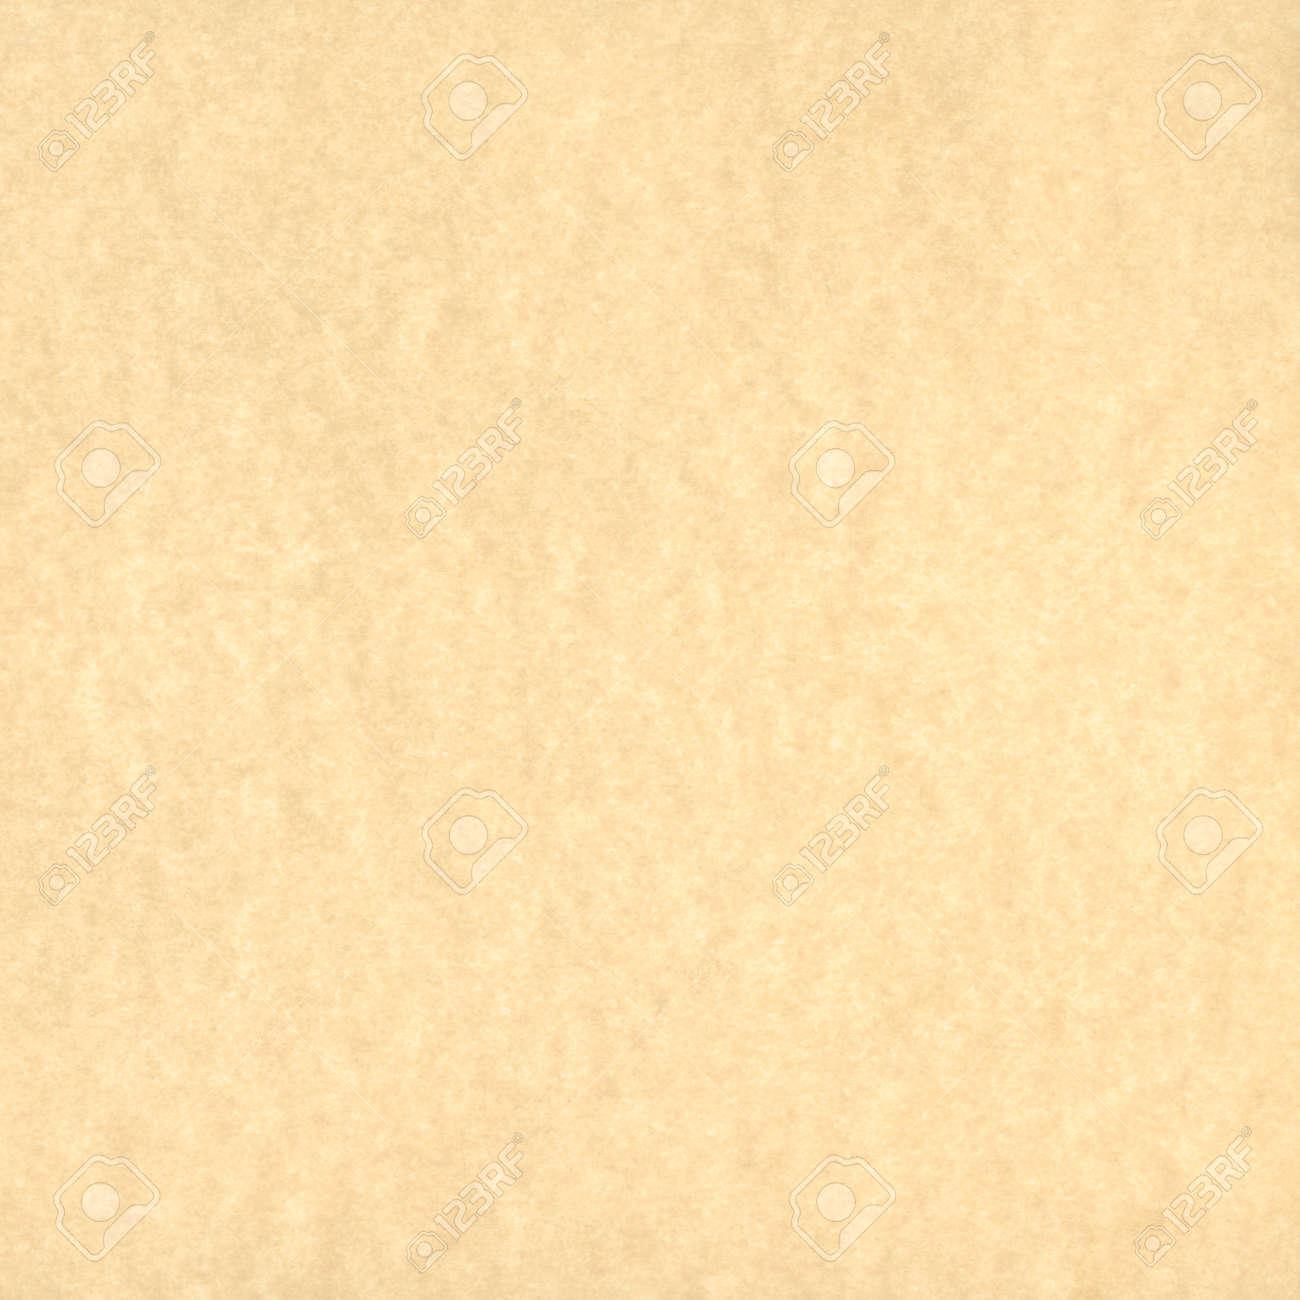 Beige Parchment Paper Background Texture Standard-Bild - 40675362